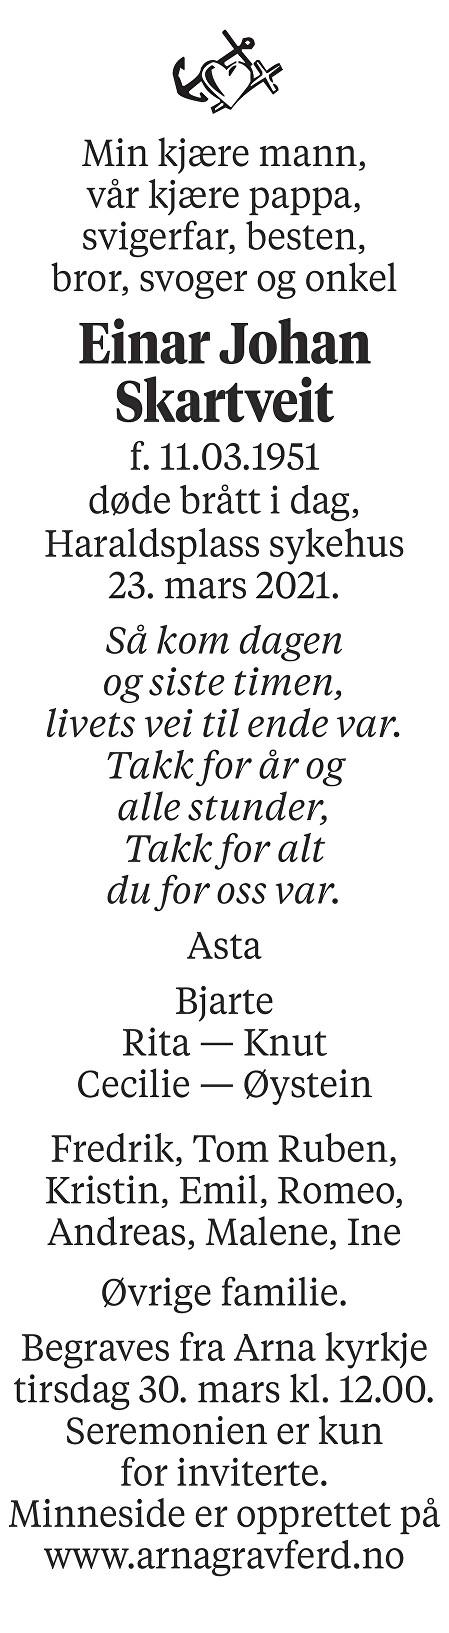 Einar Johan Skartveit Dødsannonse